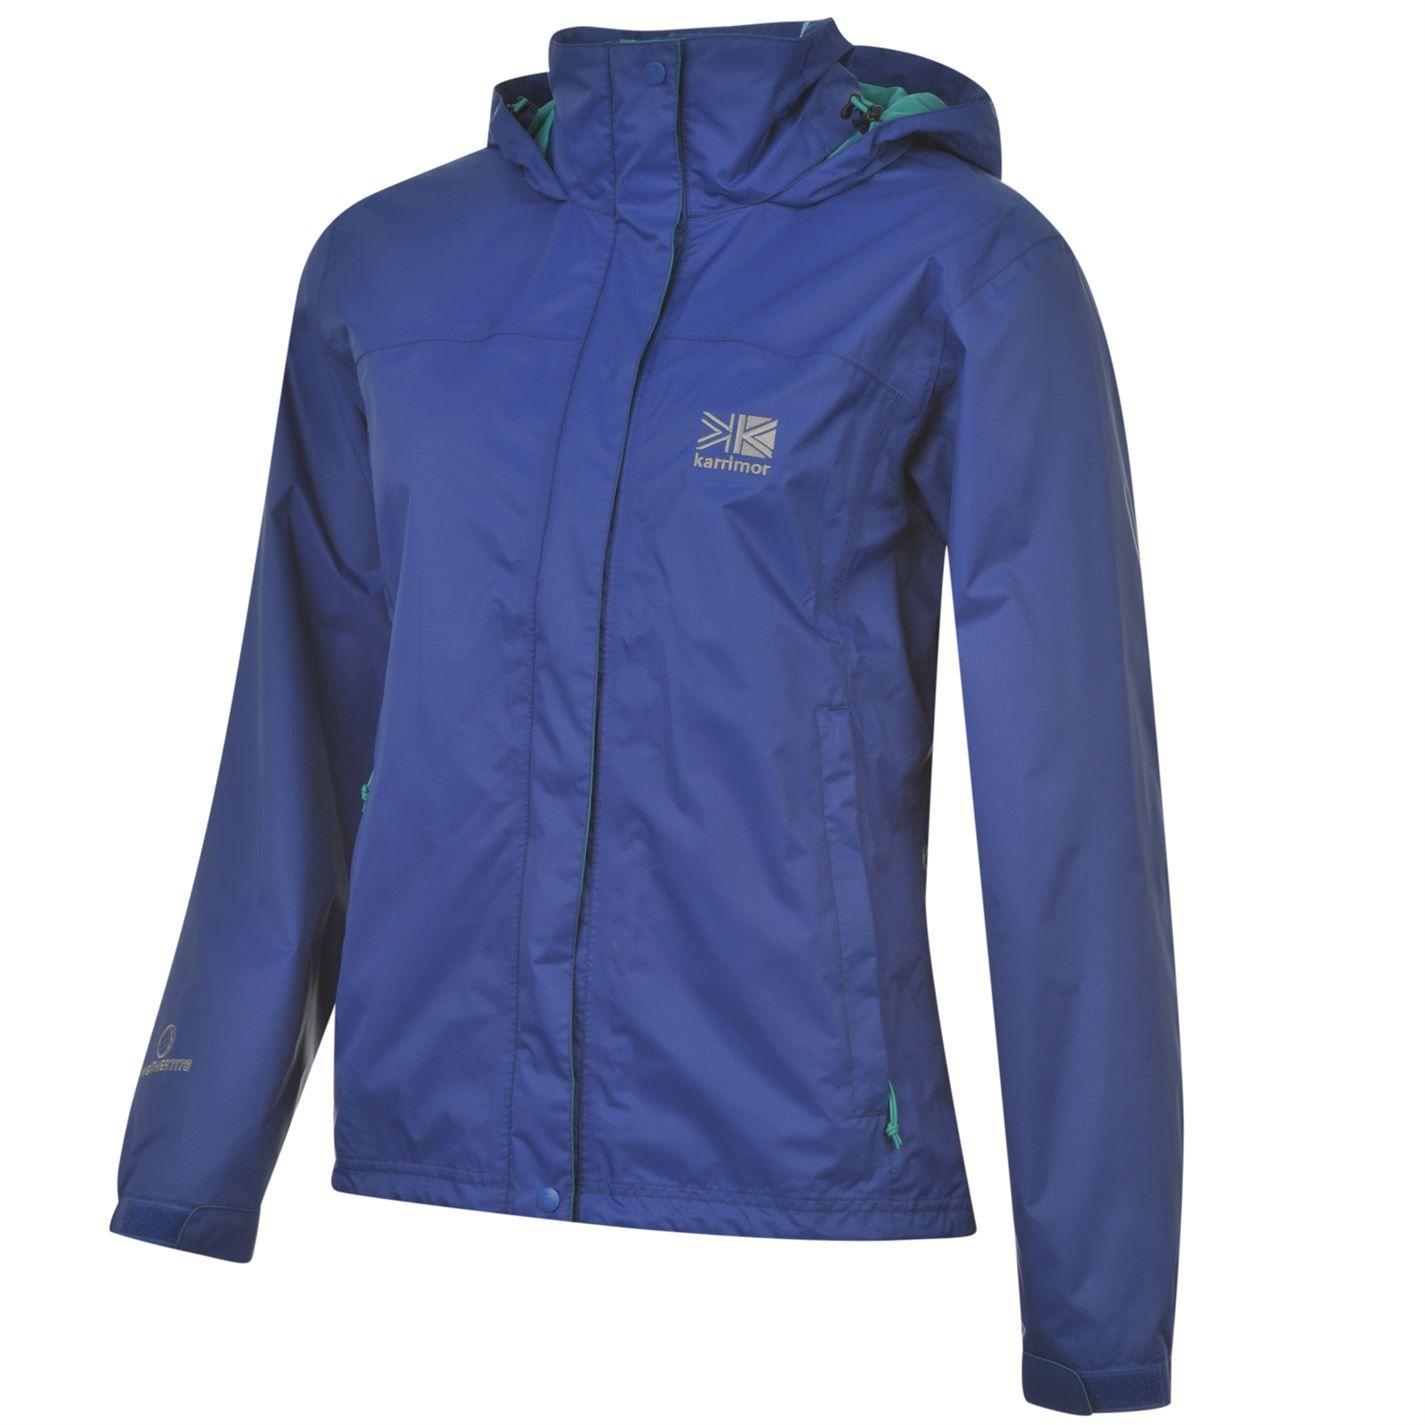 Karrimor | Karrimor Sierra Jacket Ladies | Ladies Jacket | Coats ...